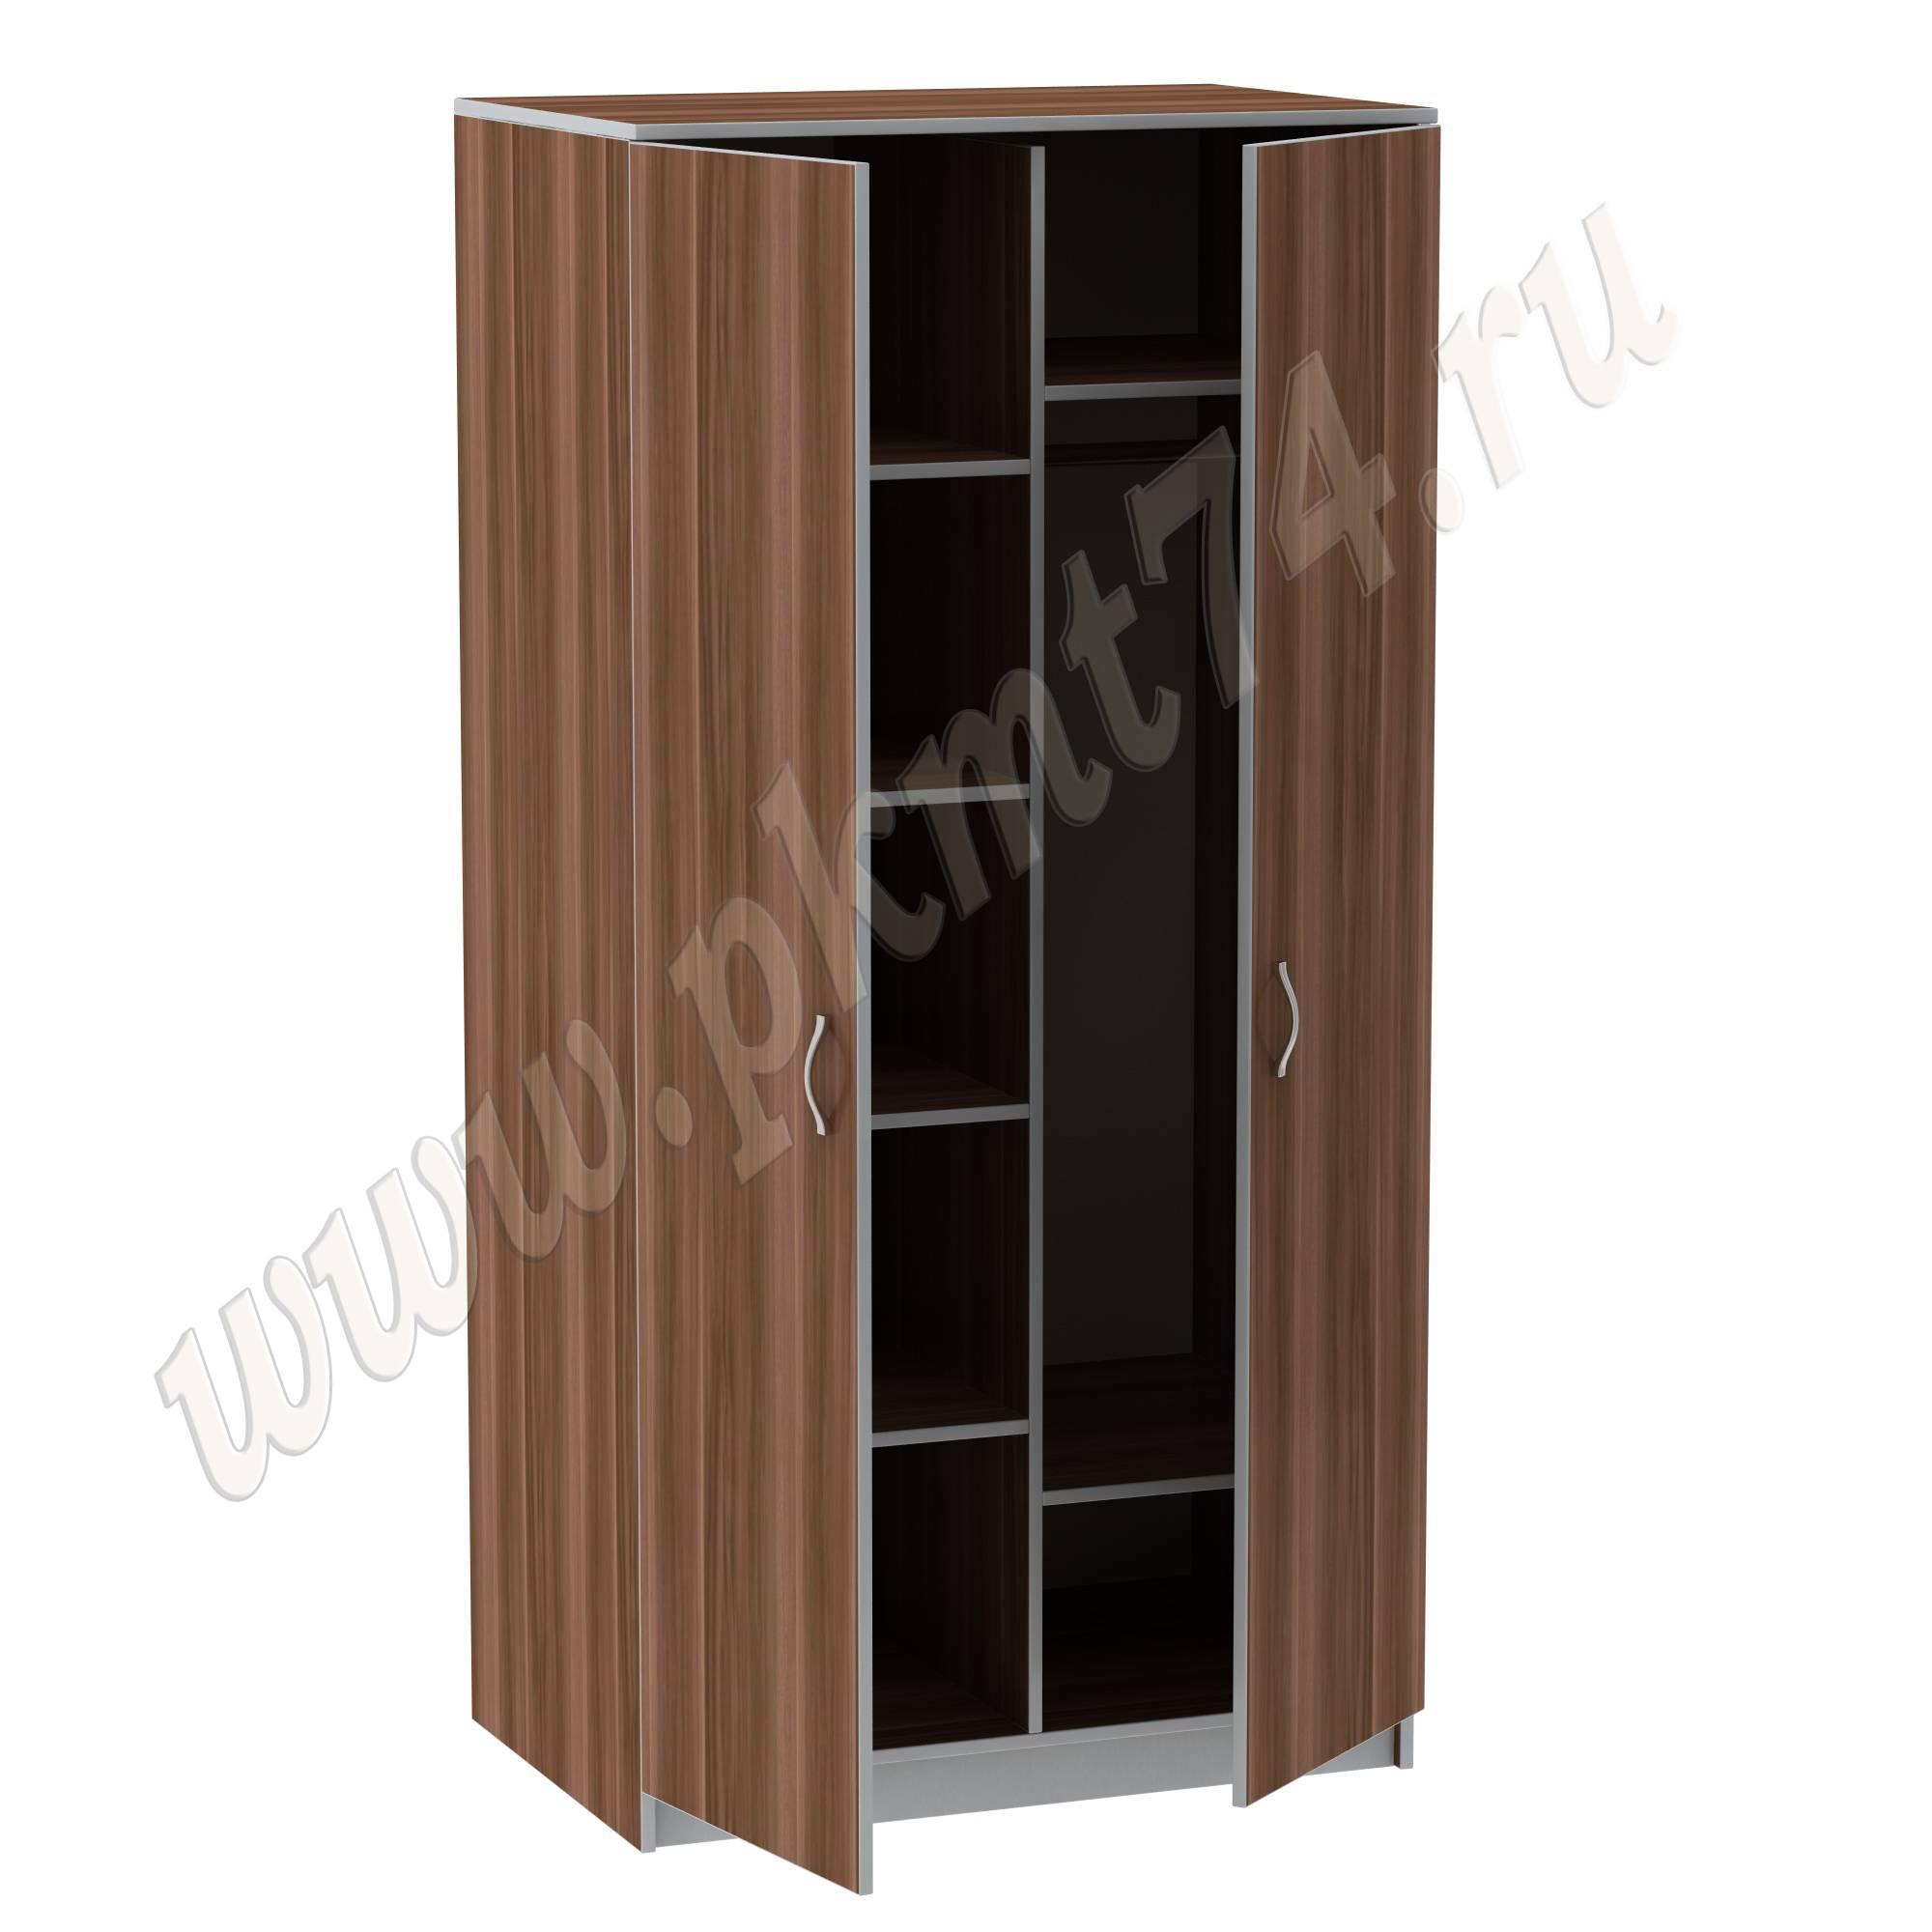 Шкаф офисный комбинированный МТ 14-13 СливаАлюминий